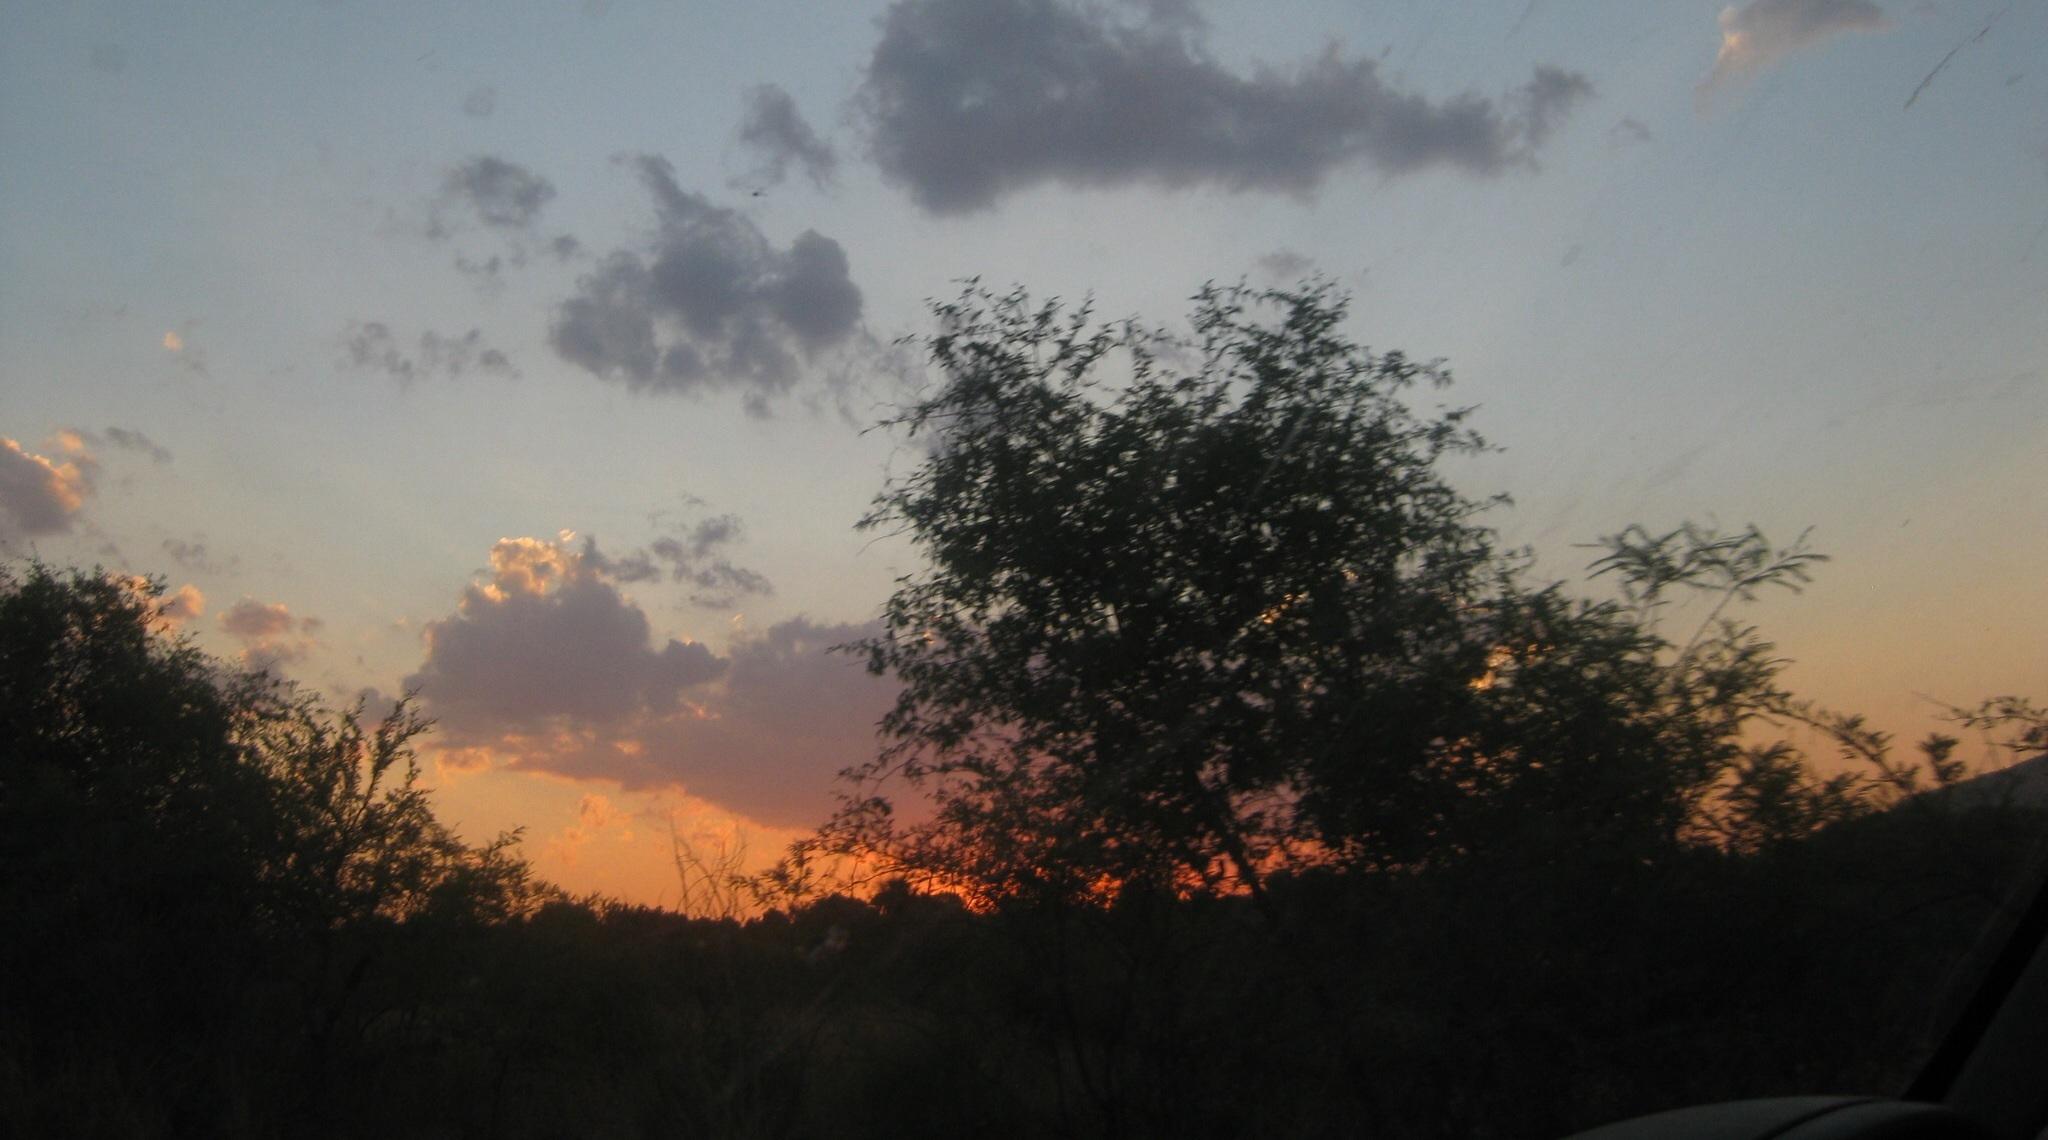 Sunset in Pilansberg